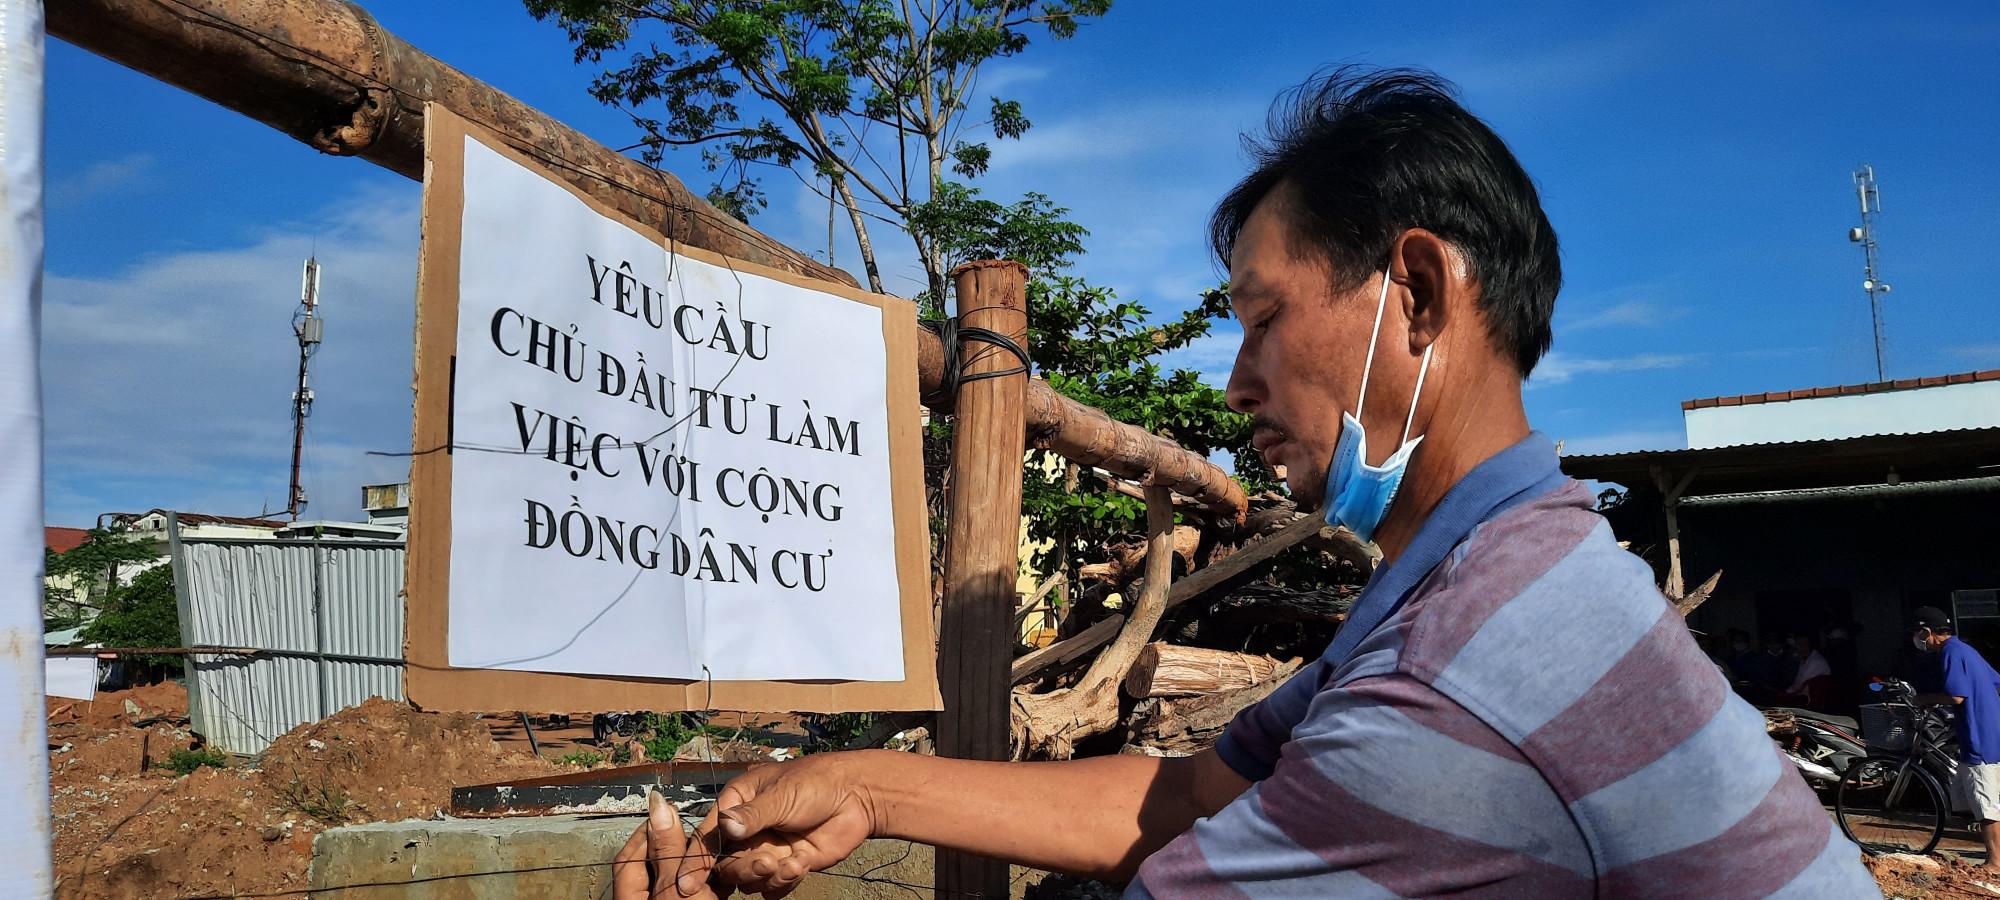 Người dân cần đối thoại, nhưng chính quyền huyện Phú Nih từ tháng 4/2021 đến nay vẫn không có cuộc họp dân nào để giải quyết bức xúc cho họ